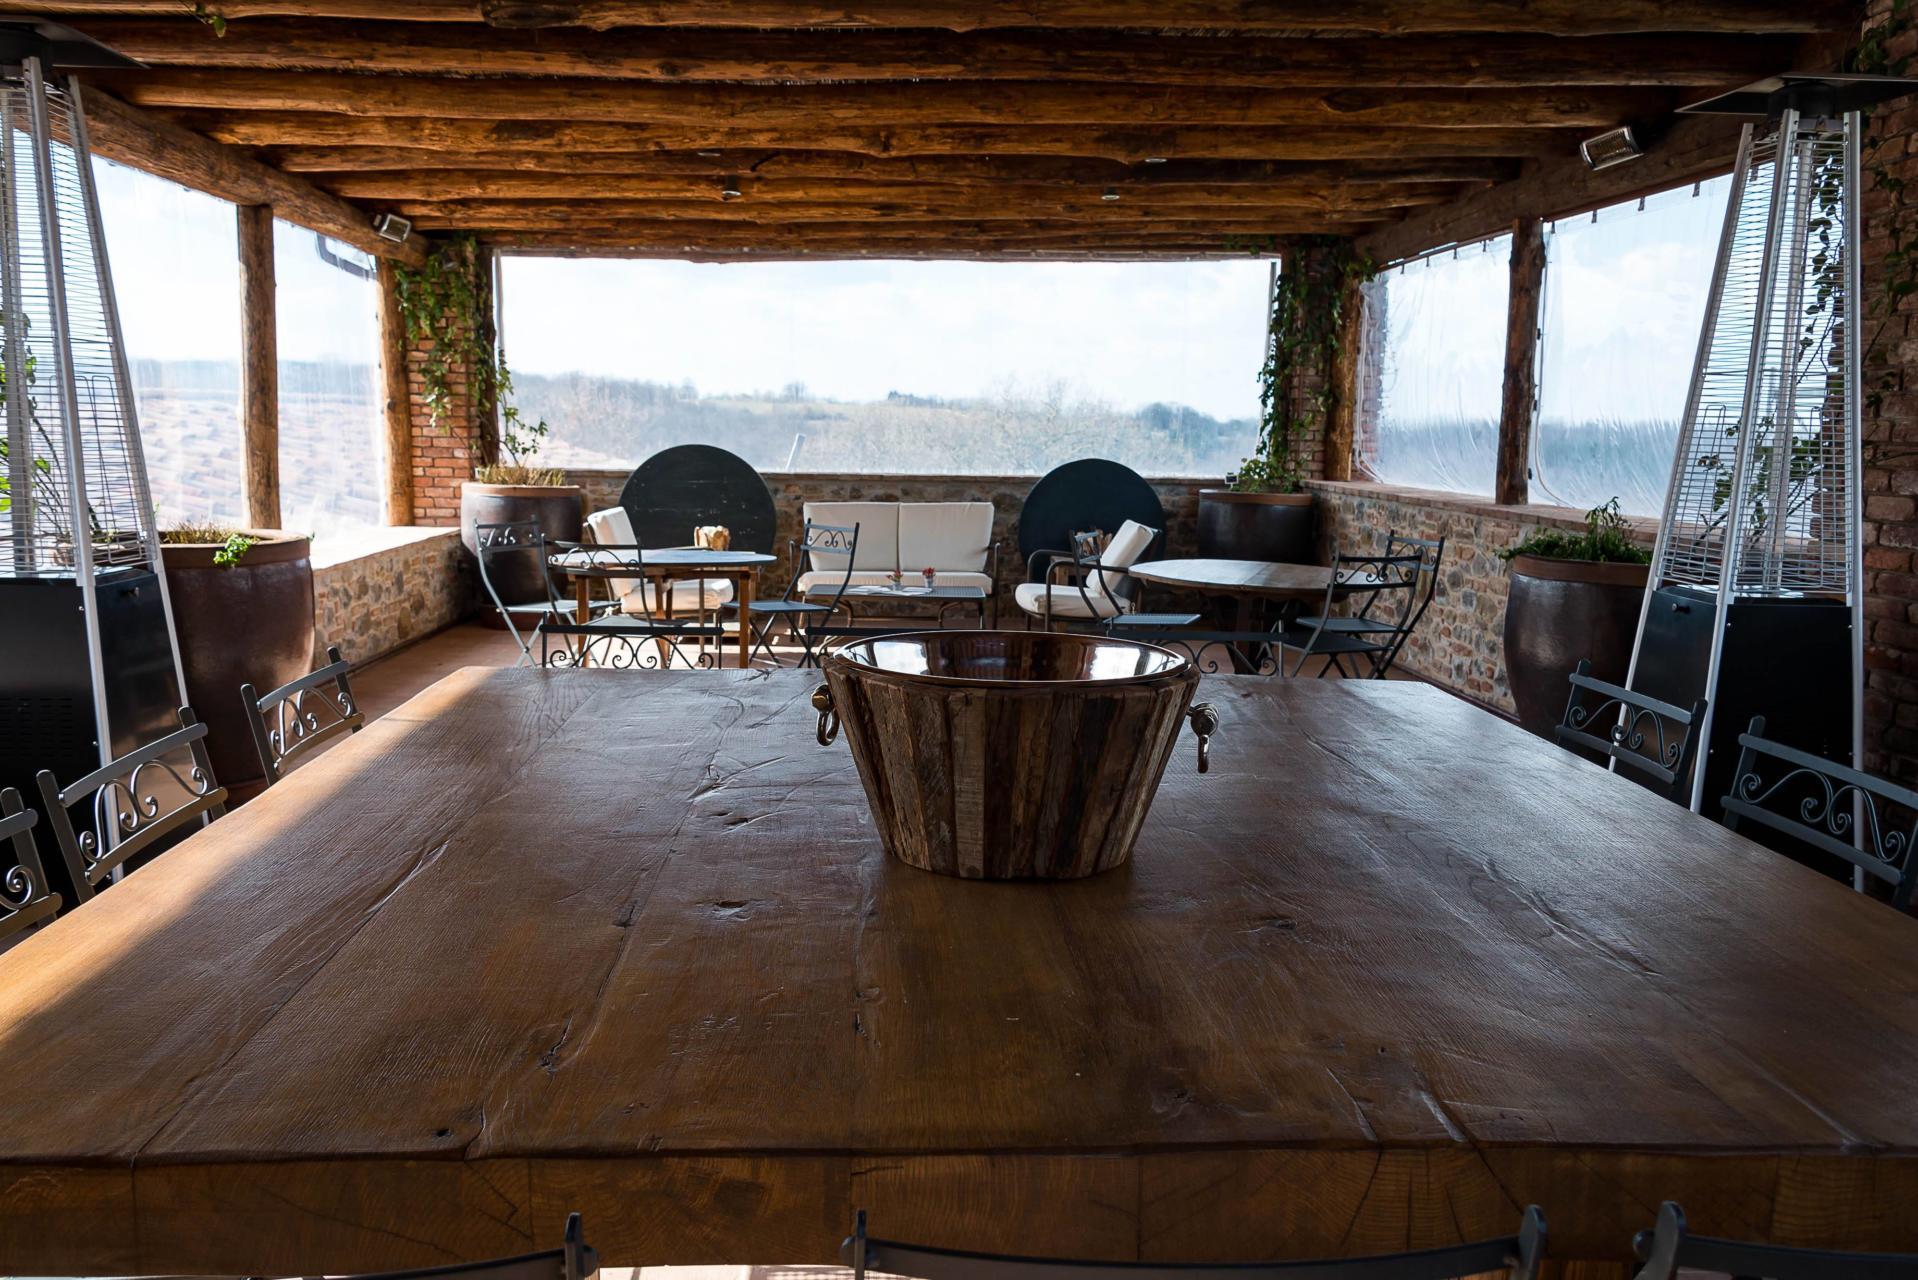 Rom for smaking av vin og olivenolje - Foto: Luca Barelli